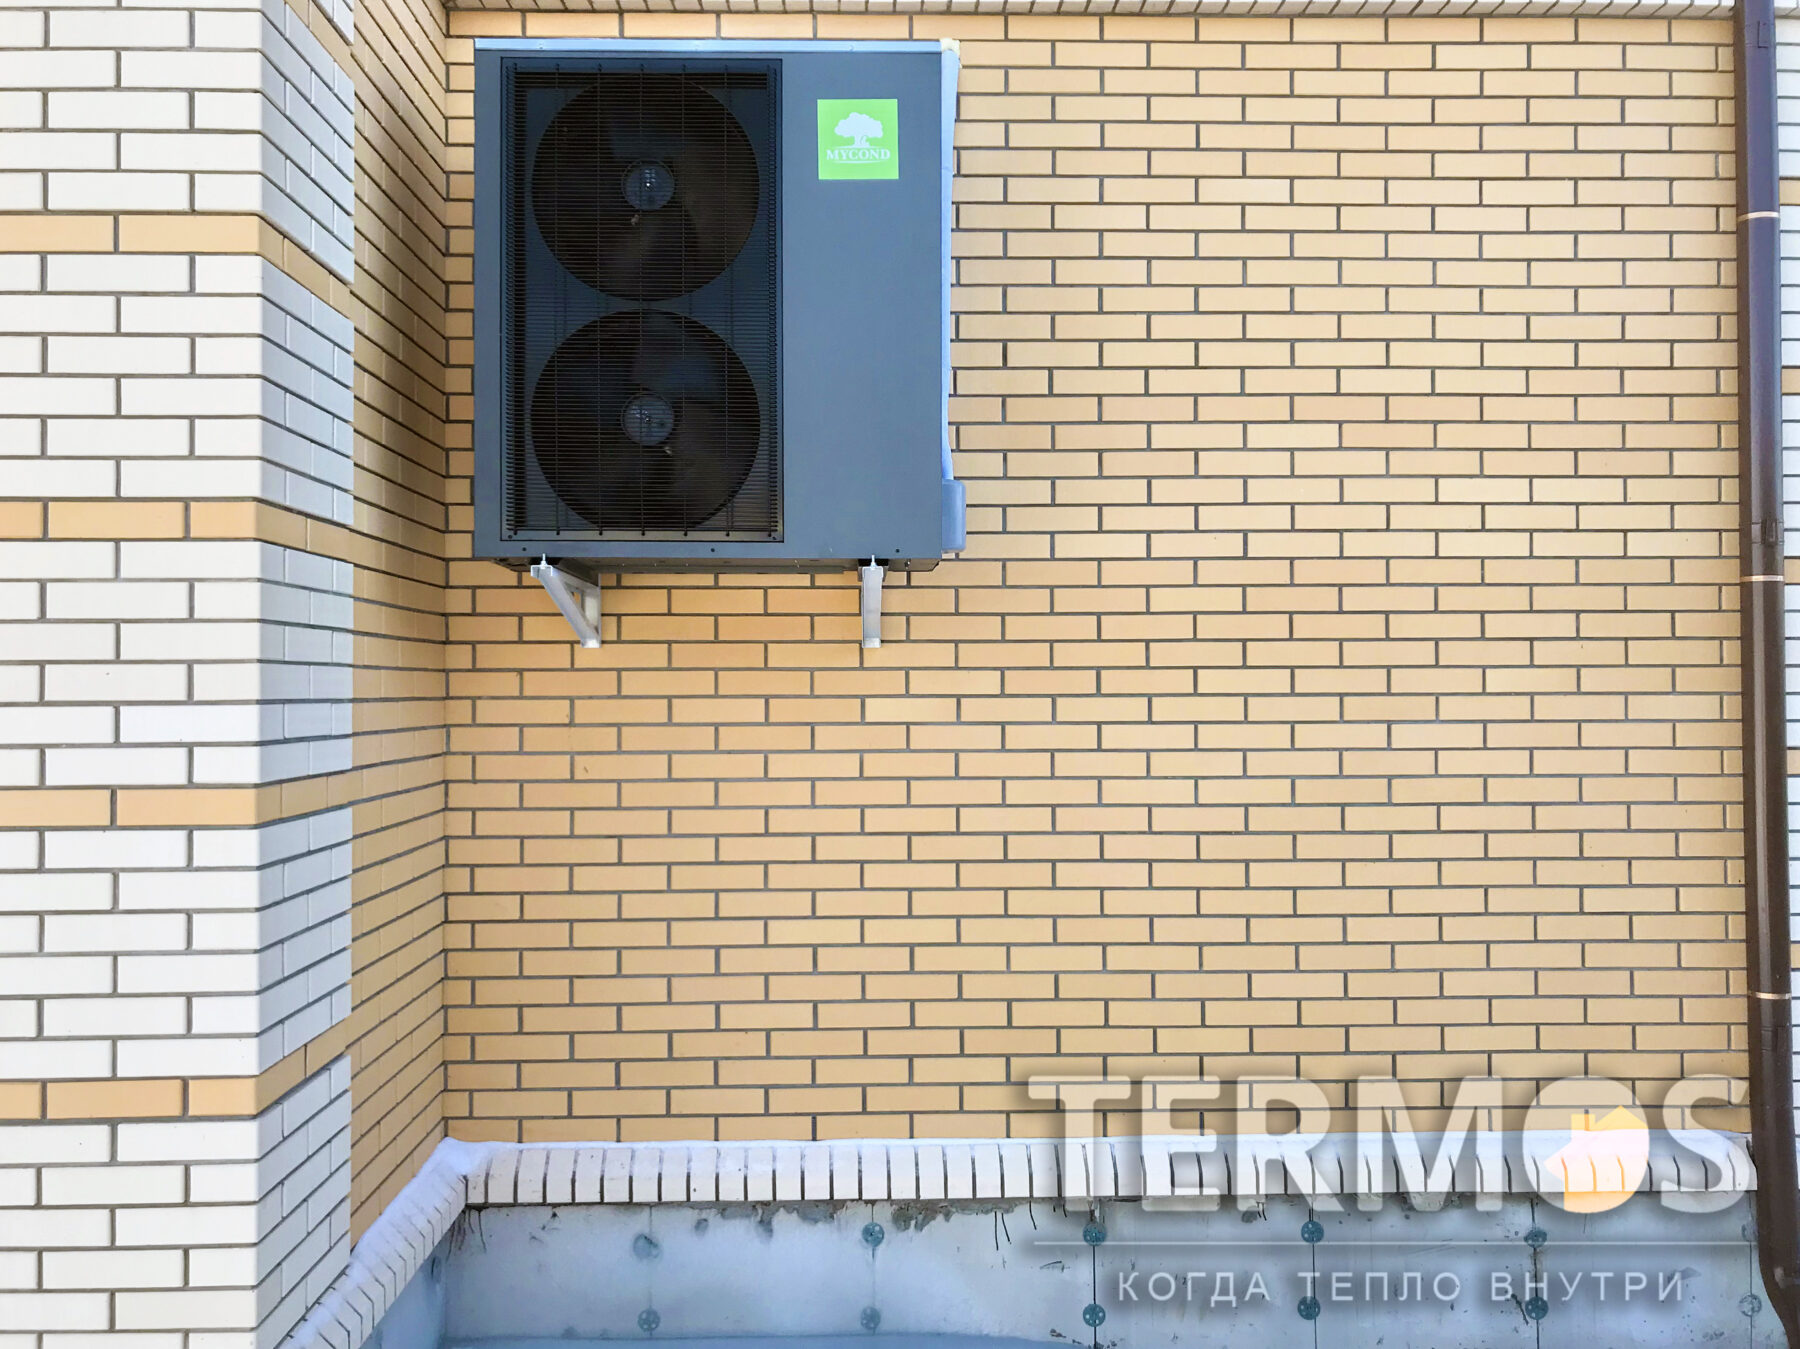 Козин. Коттедж 200 кв.м. Тепловой насос Mycond Arctic Home SMART 19 кВт с функциями отопления, горячего водоснабжения, охлаждения дома летом